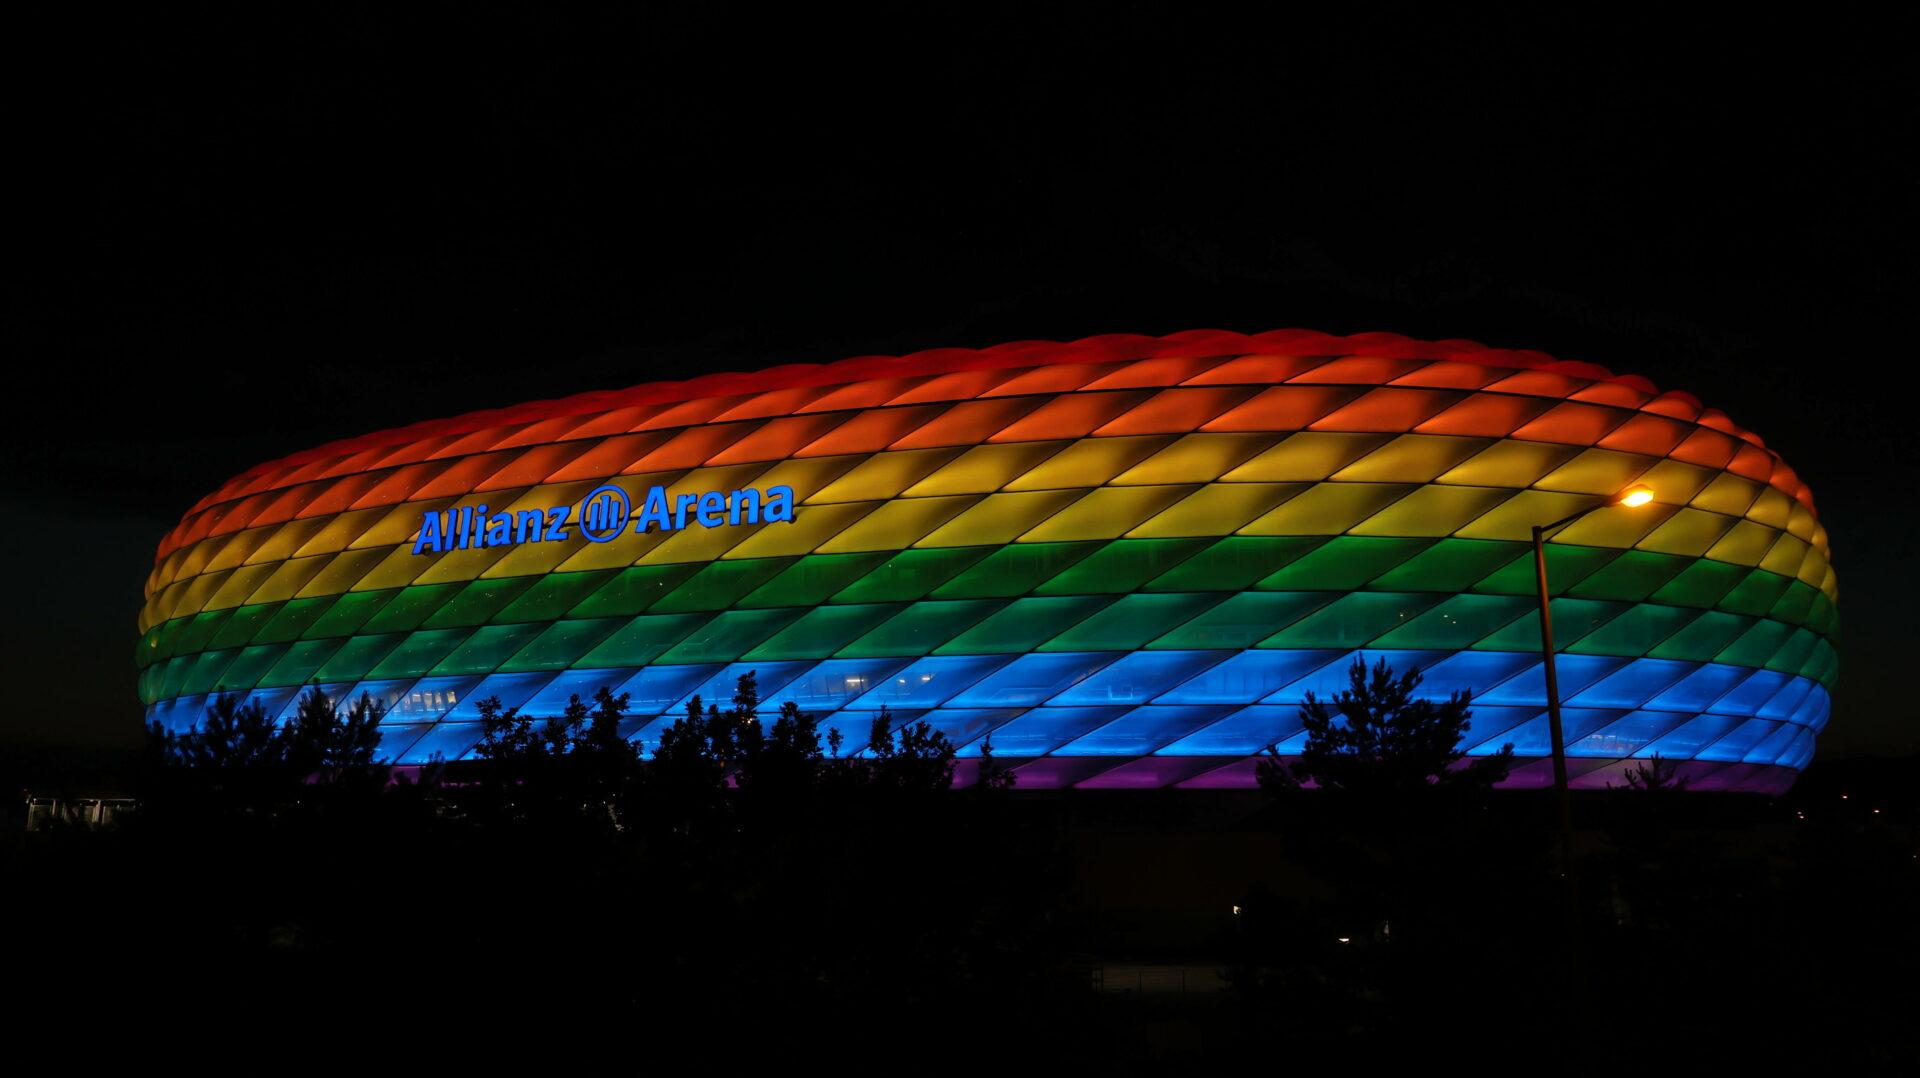 St. Petersburg bis München: UEFA gibt Finalorte der Champions League bis '25 bekannt